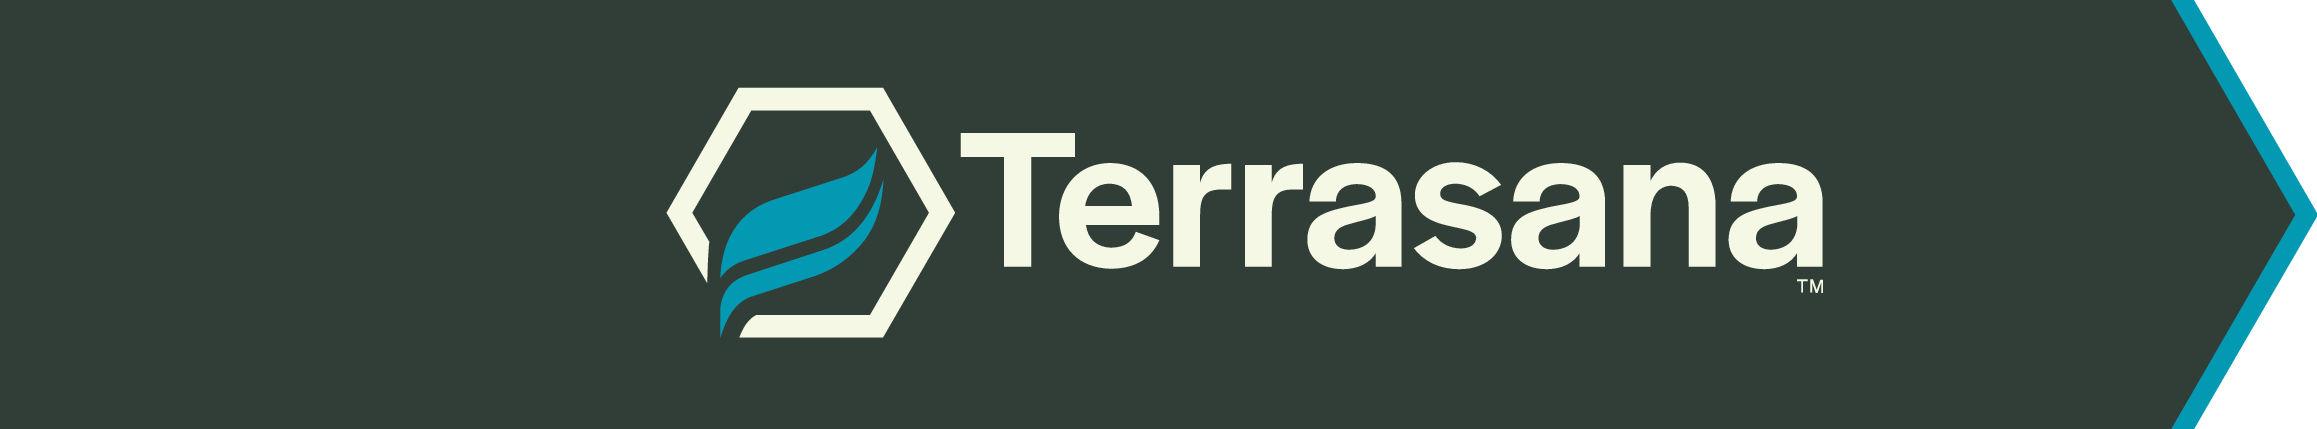 Terrasana Cannabis Company